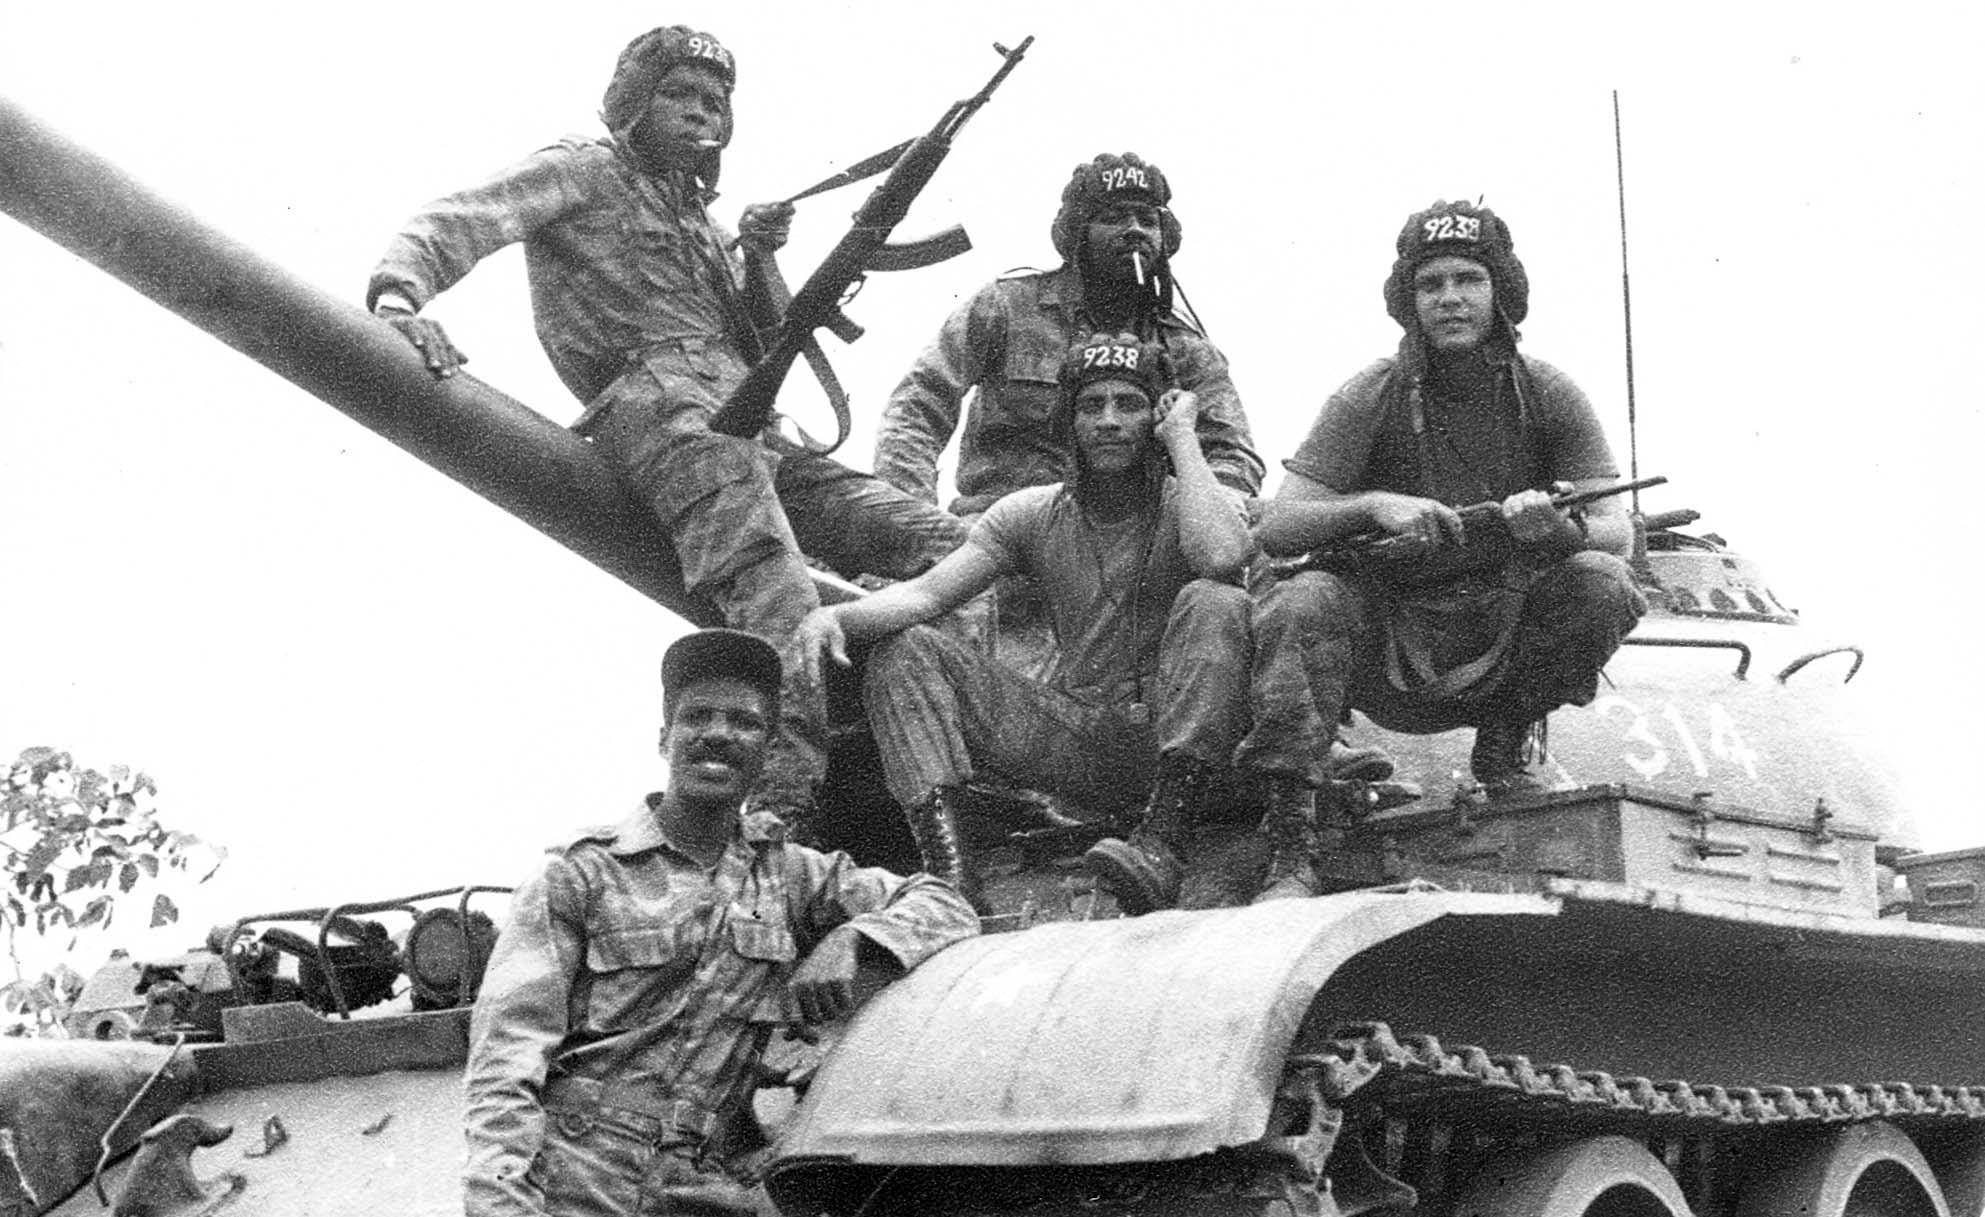 1989. Kubai csapatok Angolában. Együtt a dél-afrikai hadsereg ellen harcoltak..jpg